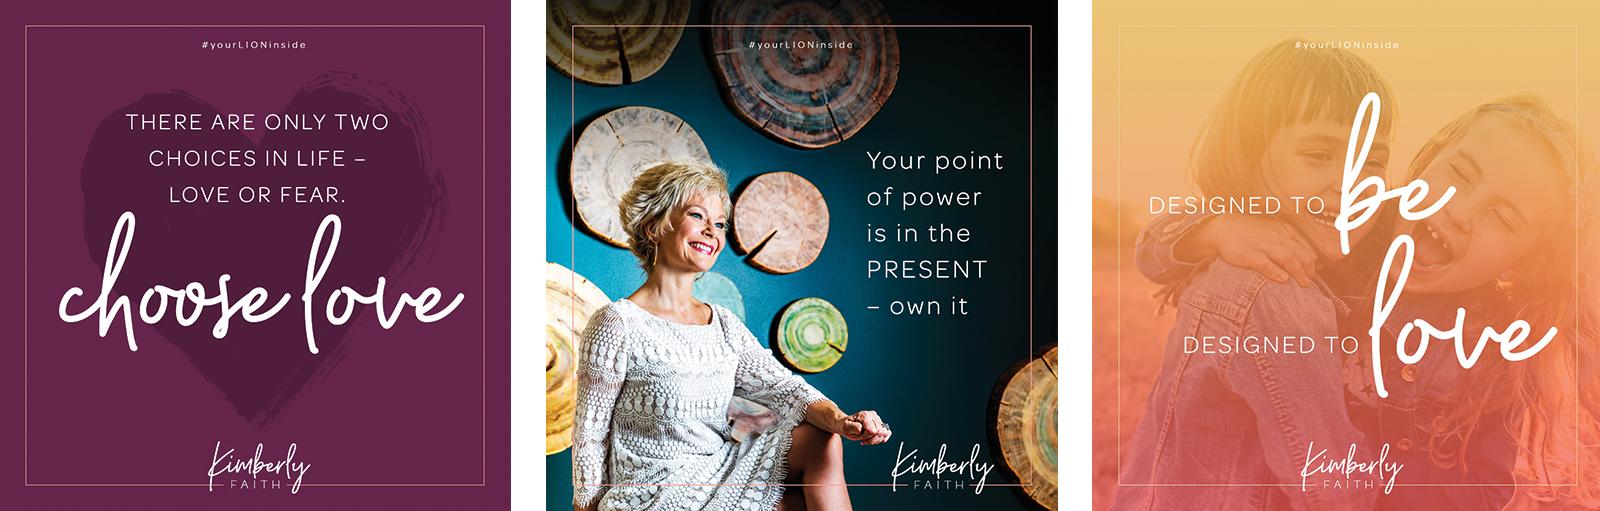 Kimberly Faith Personal Brand Identity - Social Media Graphics